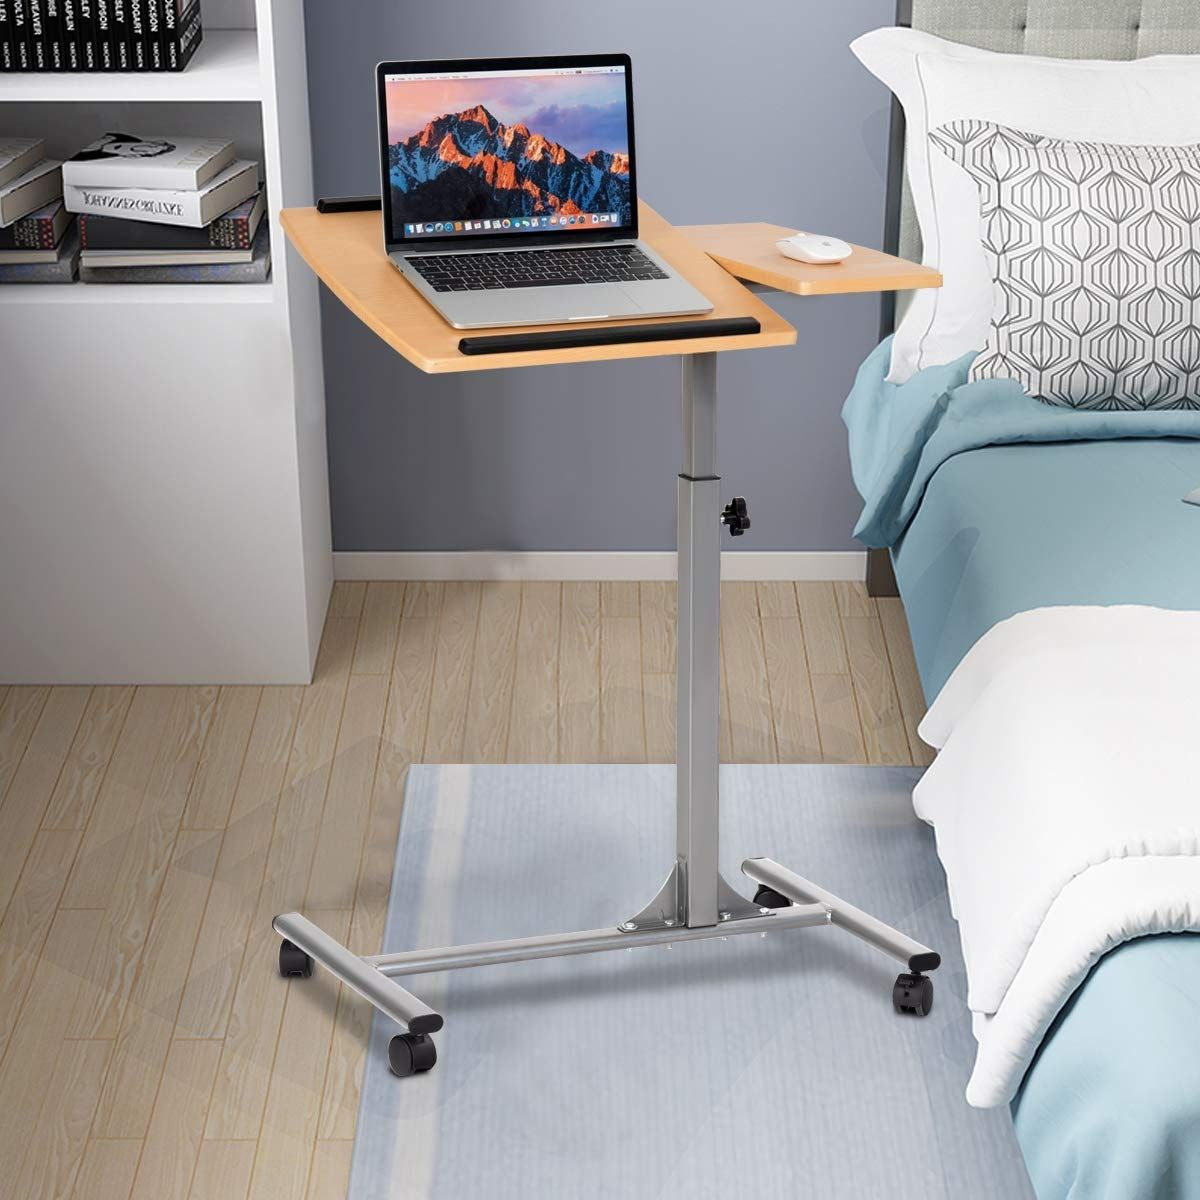 Adjustable Laptop Desk With Stand Holder And Wheels Laptop Desk Adjustable Height Table Adjustable Desktop